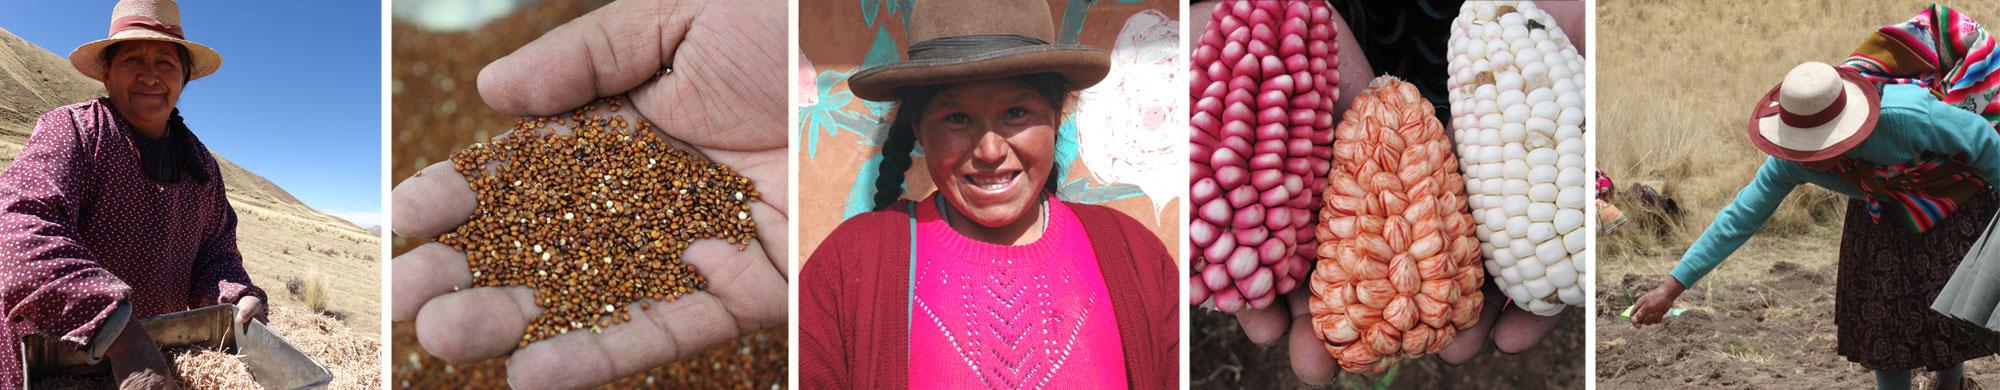 Les coopératives au Pérou : actrices de l'économie sociale et solidaire